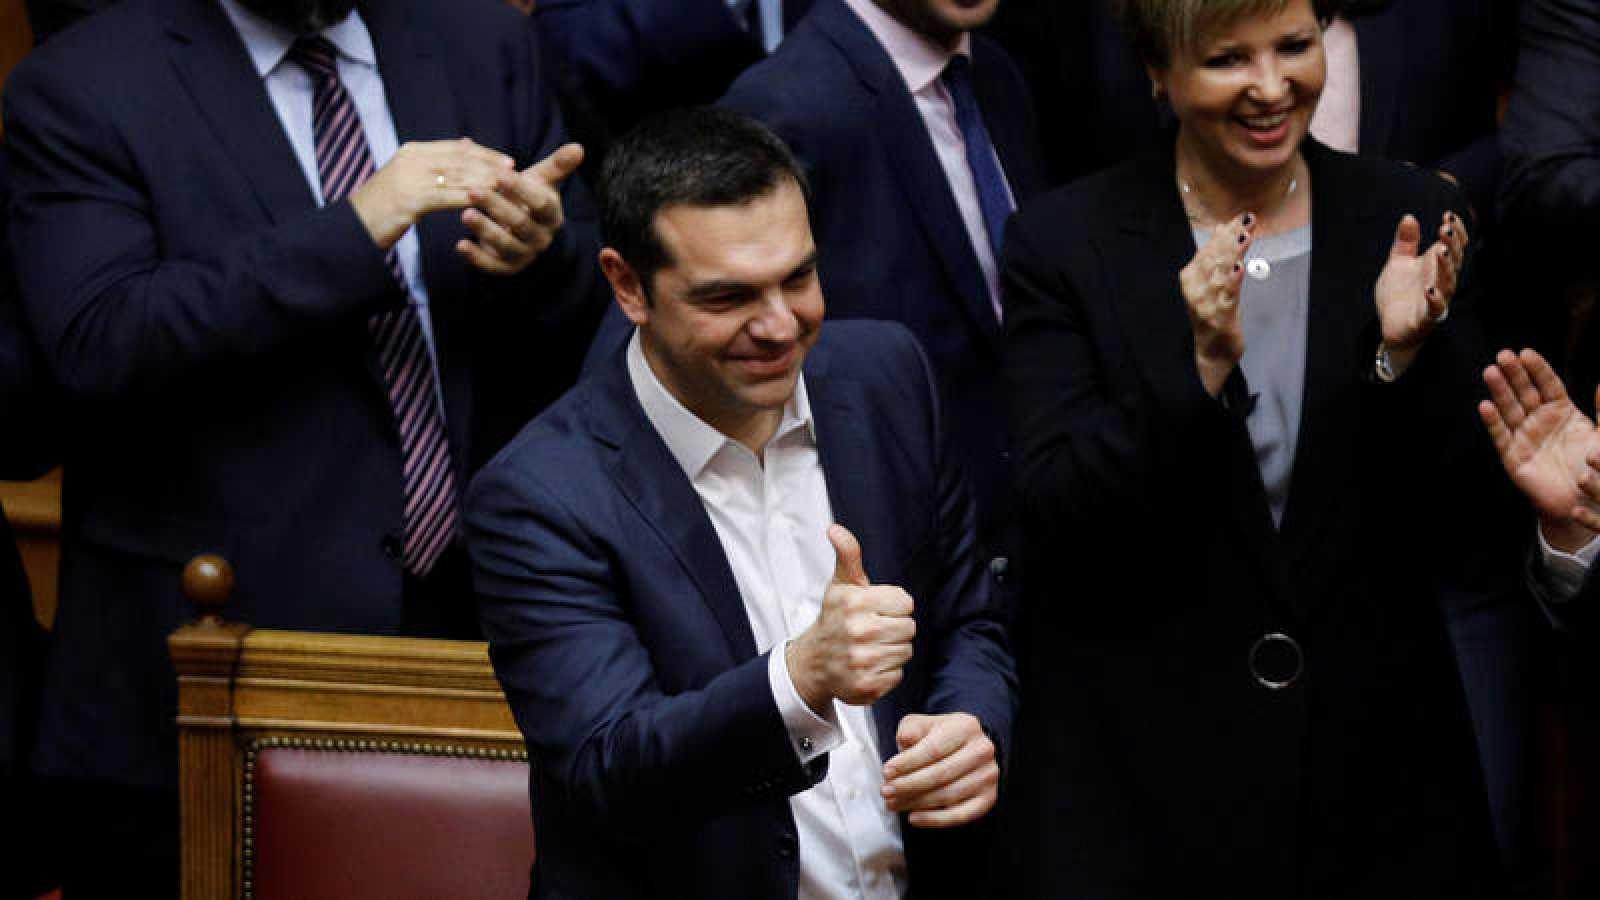 El primer ministro griego Alexis Tsipras hace la señal de victoria tras superar la moción de censura